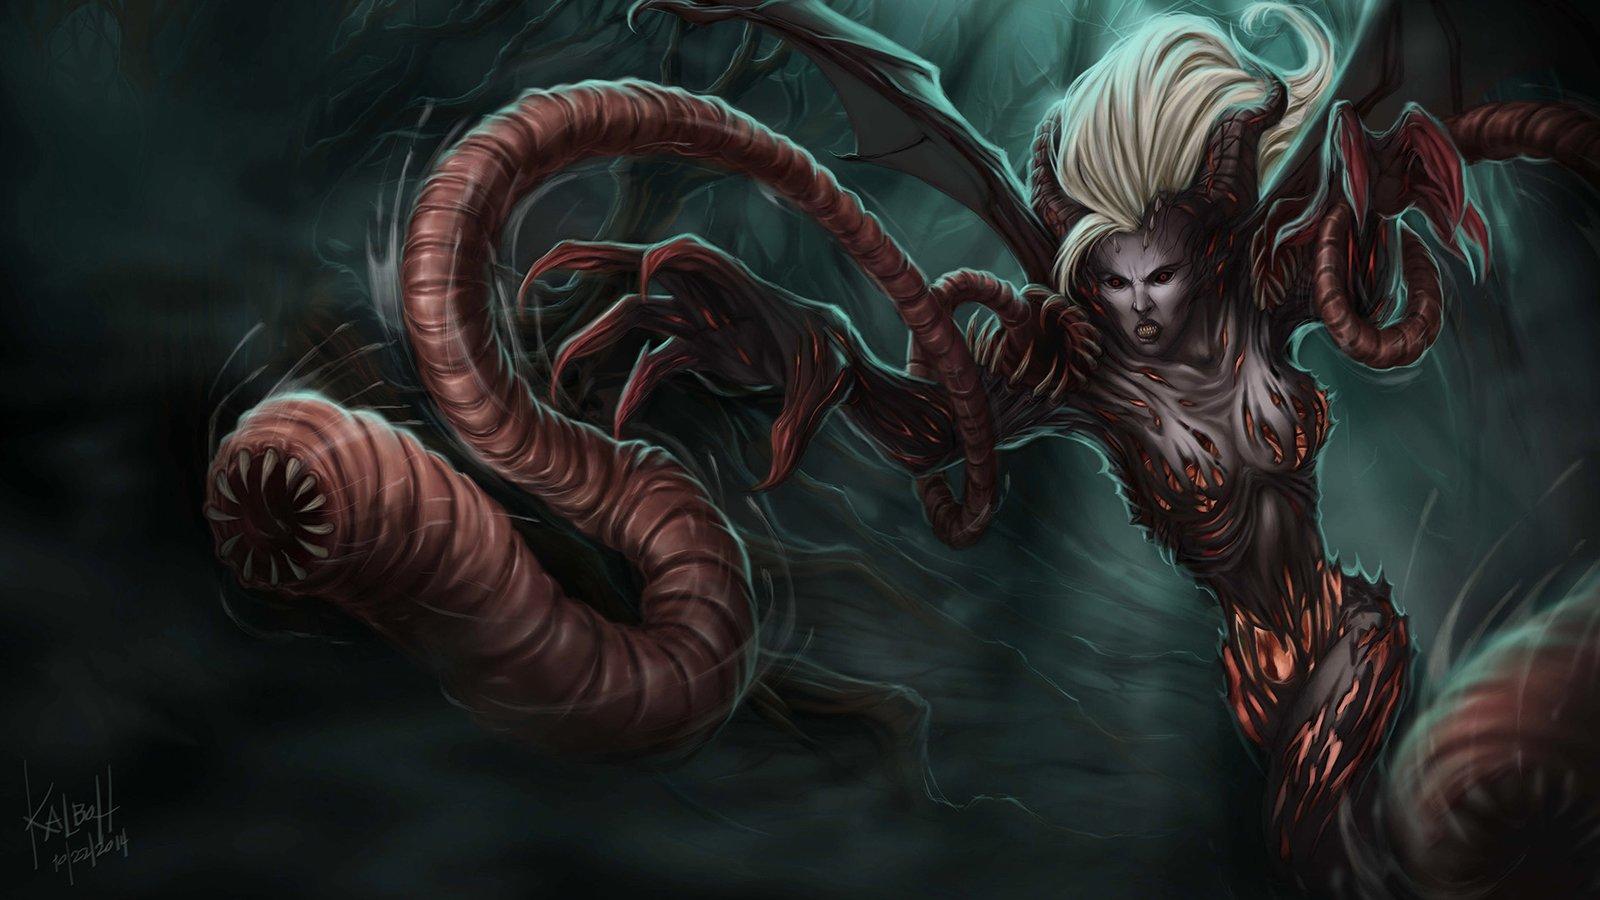 Demonic Zyra League Of Legends Wallpaper HD 1920x1080